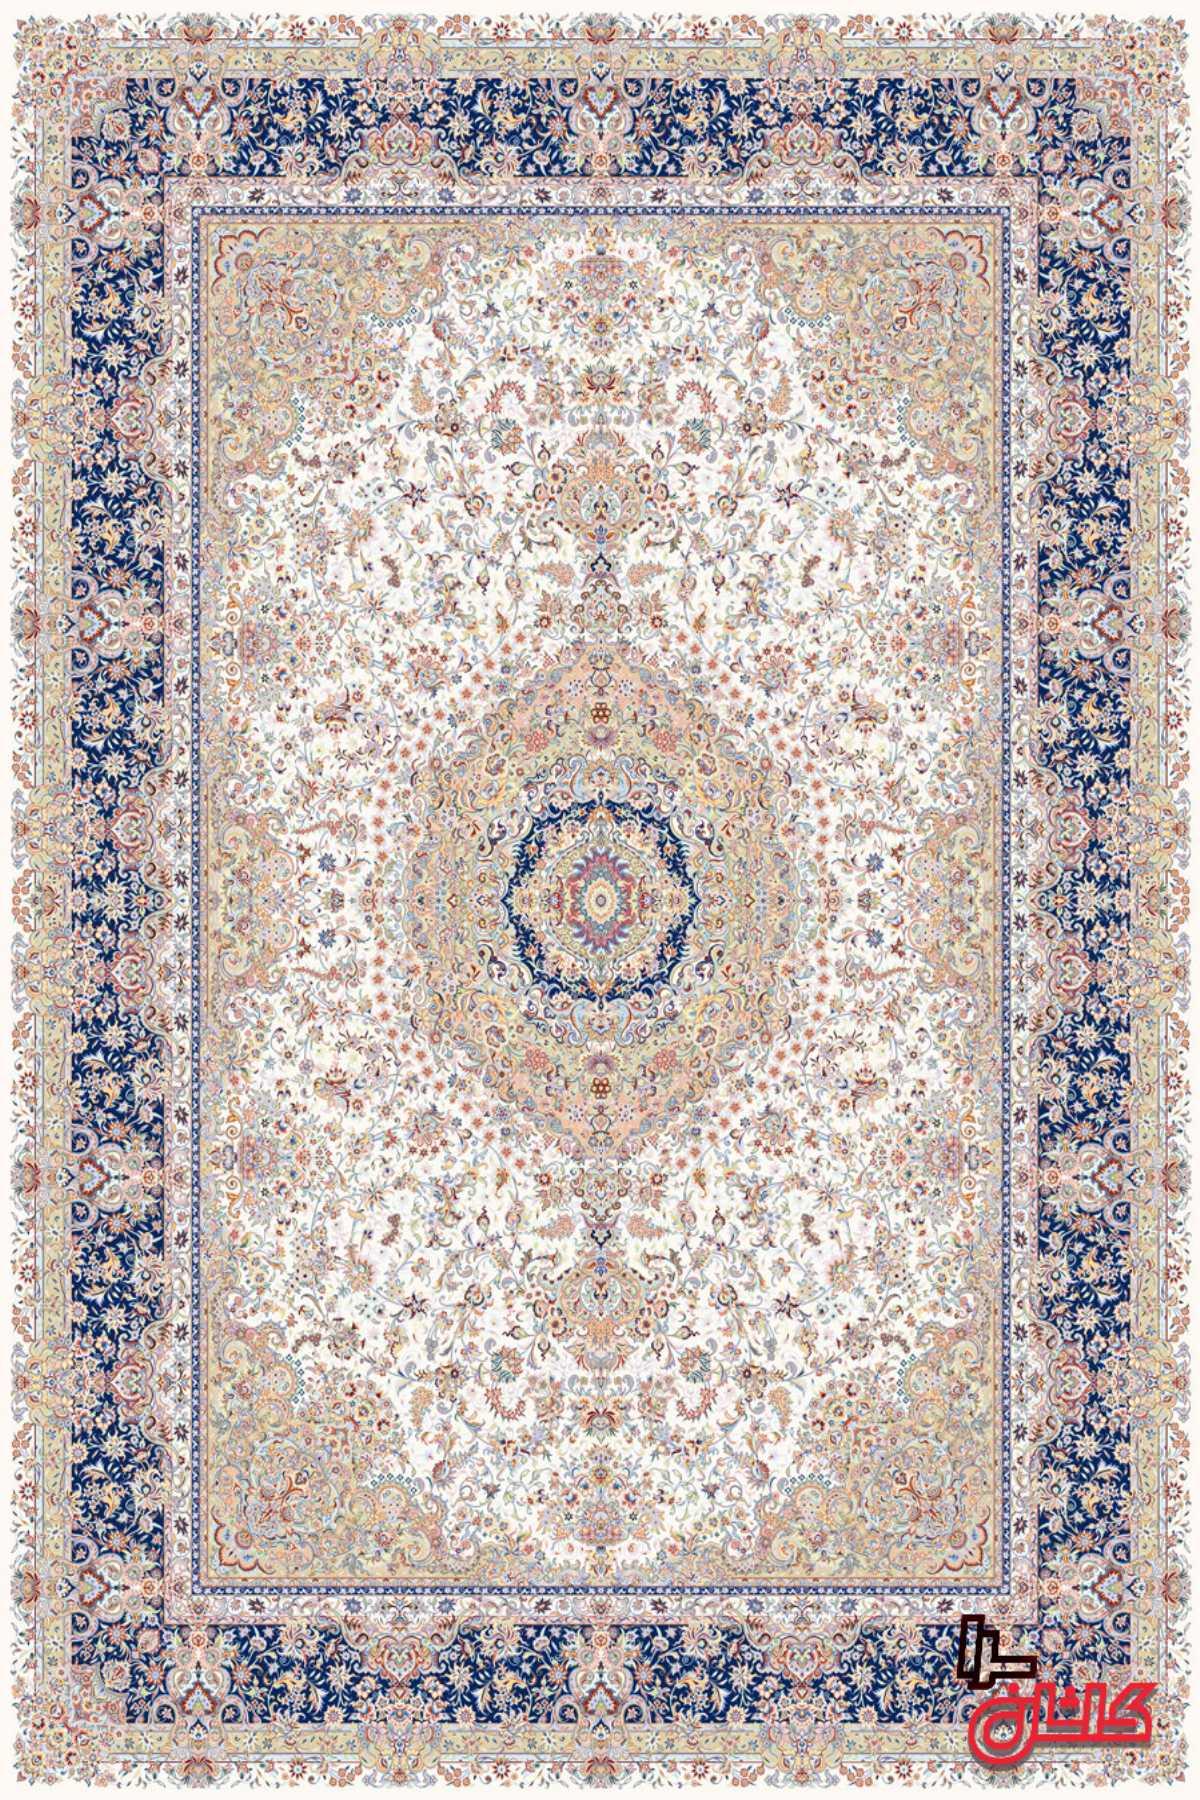 Iranmehr-1200-Nila_9m_khs2_3600